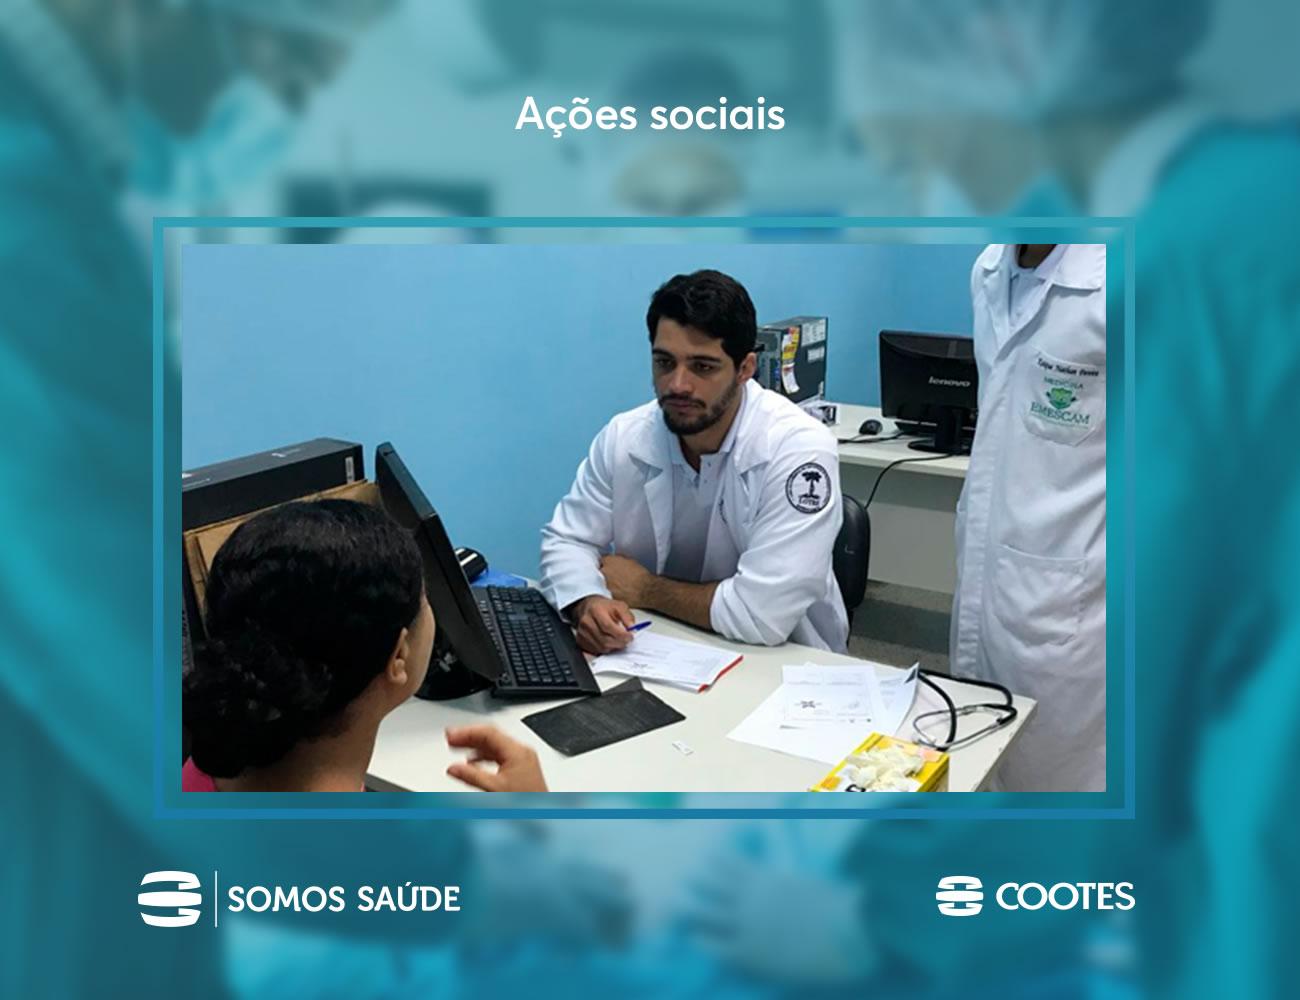 Resultados das ações sociais de 2018 inspiram novo ano da COOTES